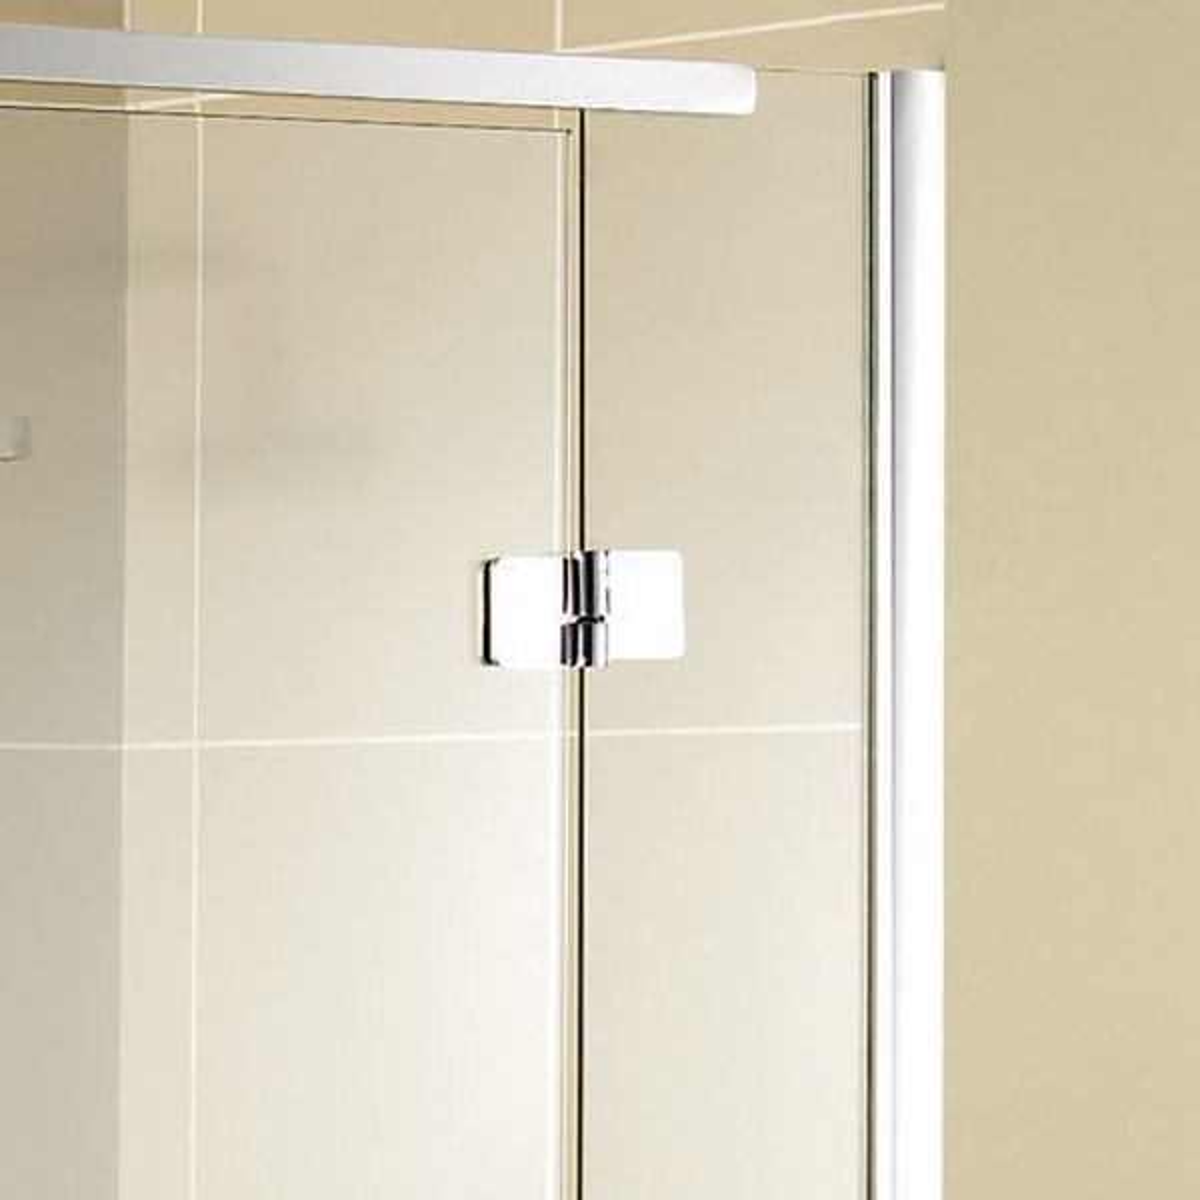 Aquadart Inline Hinged Recess Shower Door Detail 2